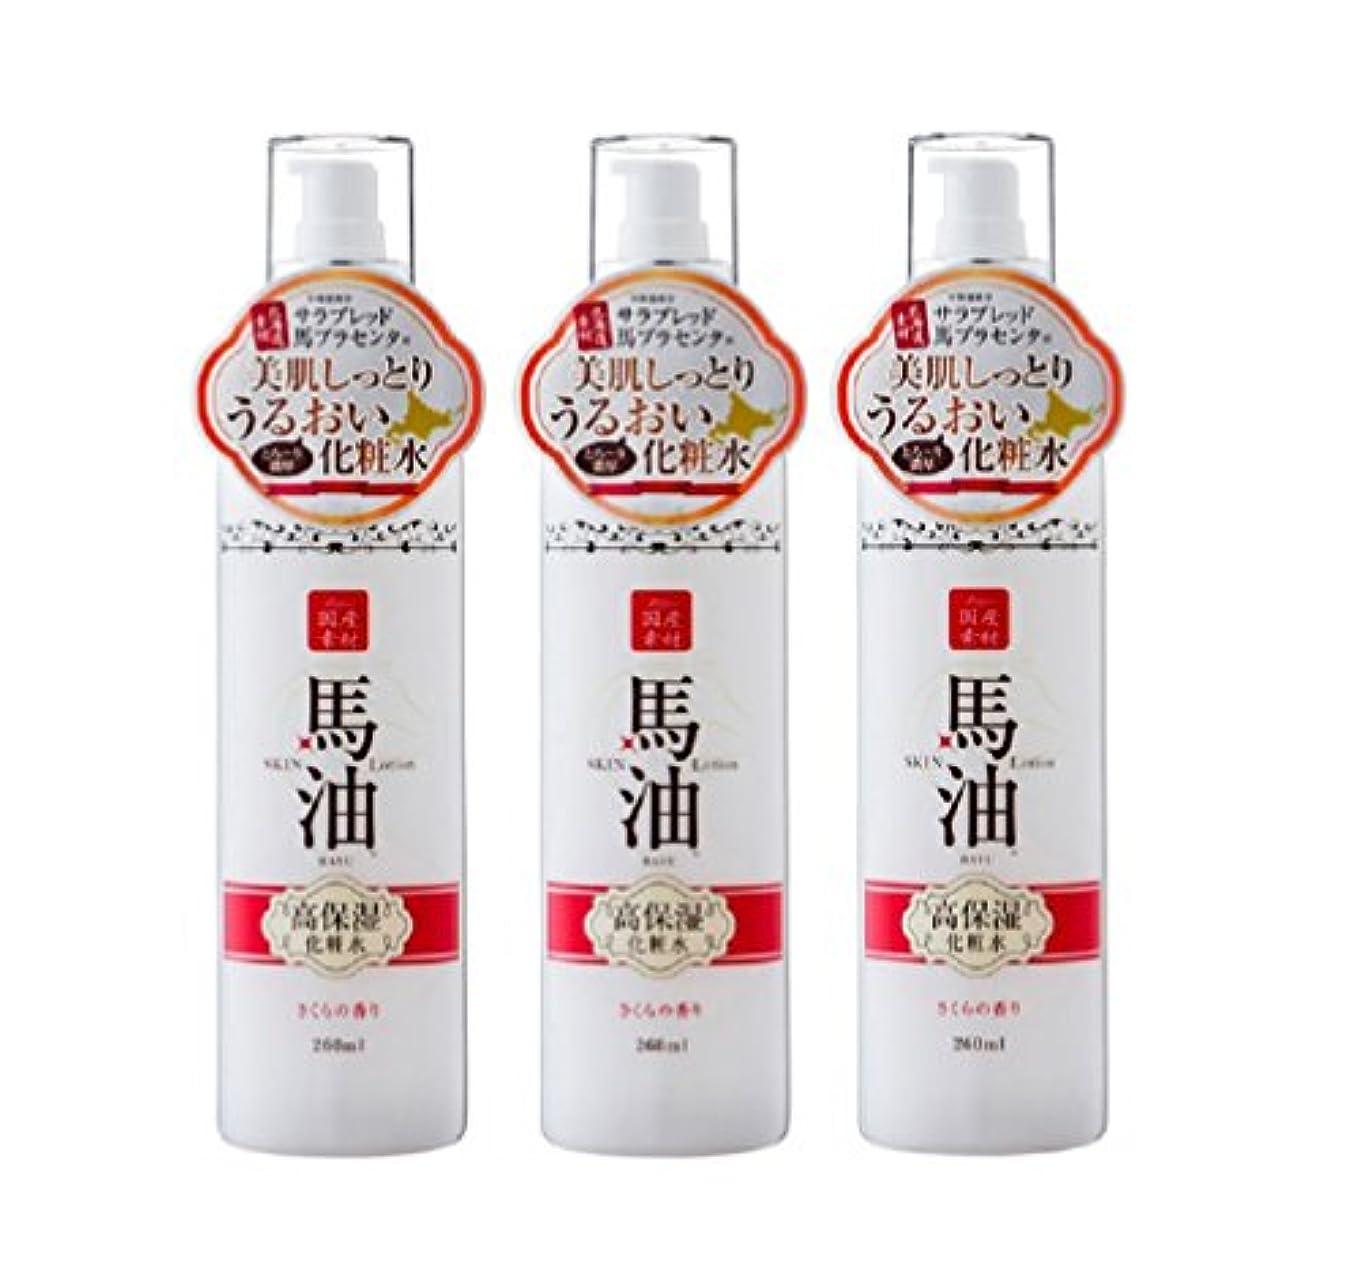 ガイドライン女性ふけるリシャン 馬油化粧水 さくらの香り 260ml×3本セット